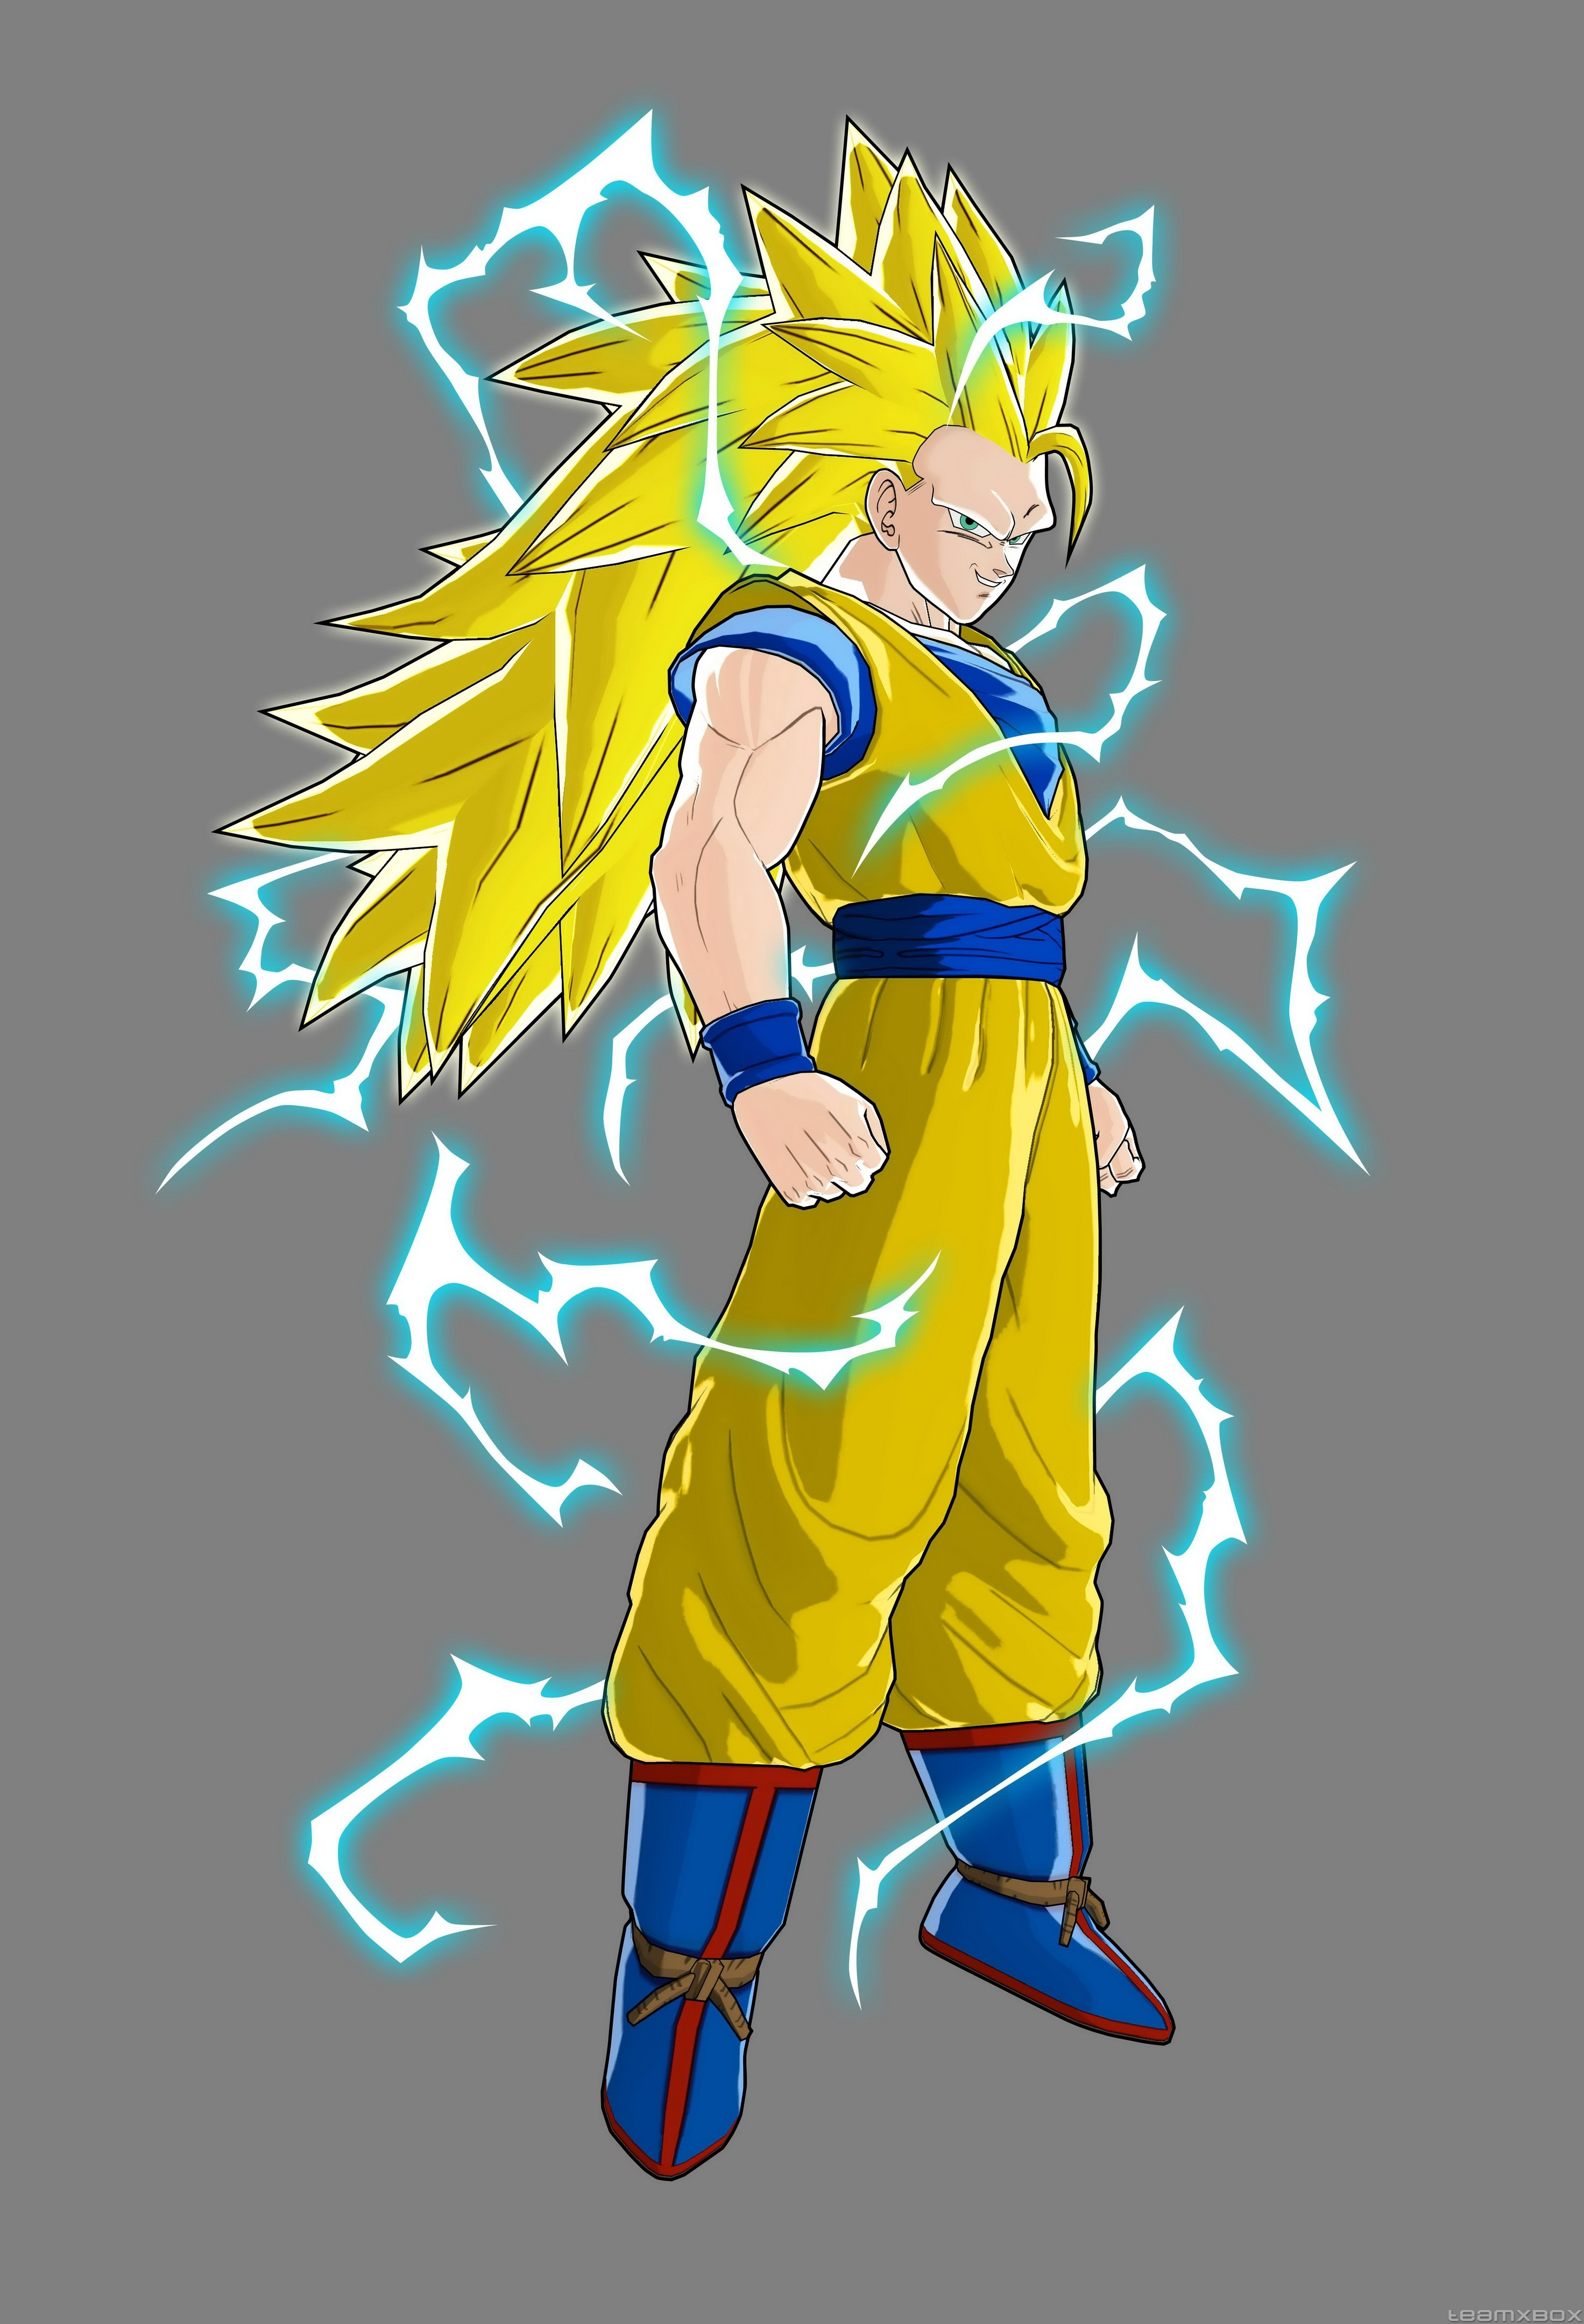 Goku Super Saiyan 3 Raging Bals